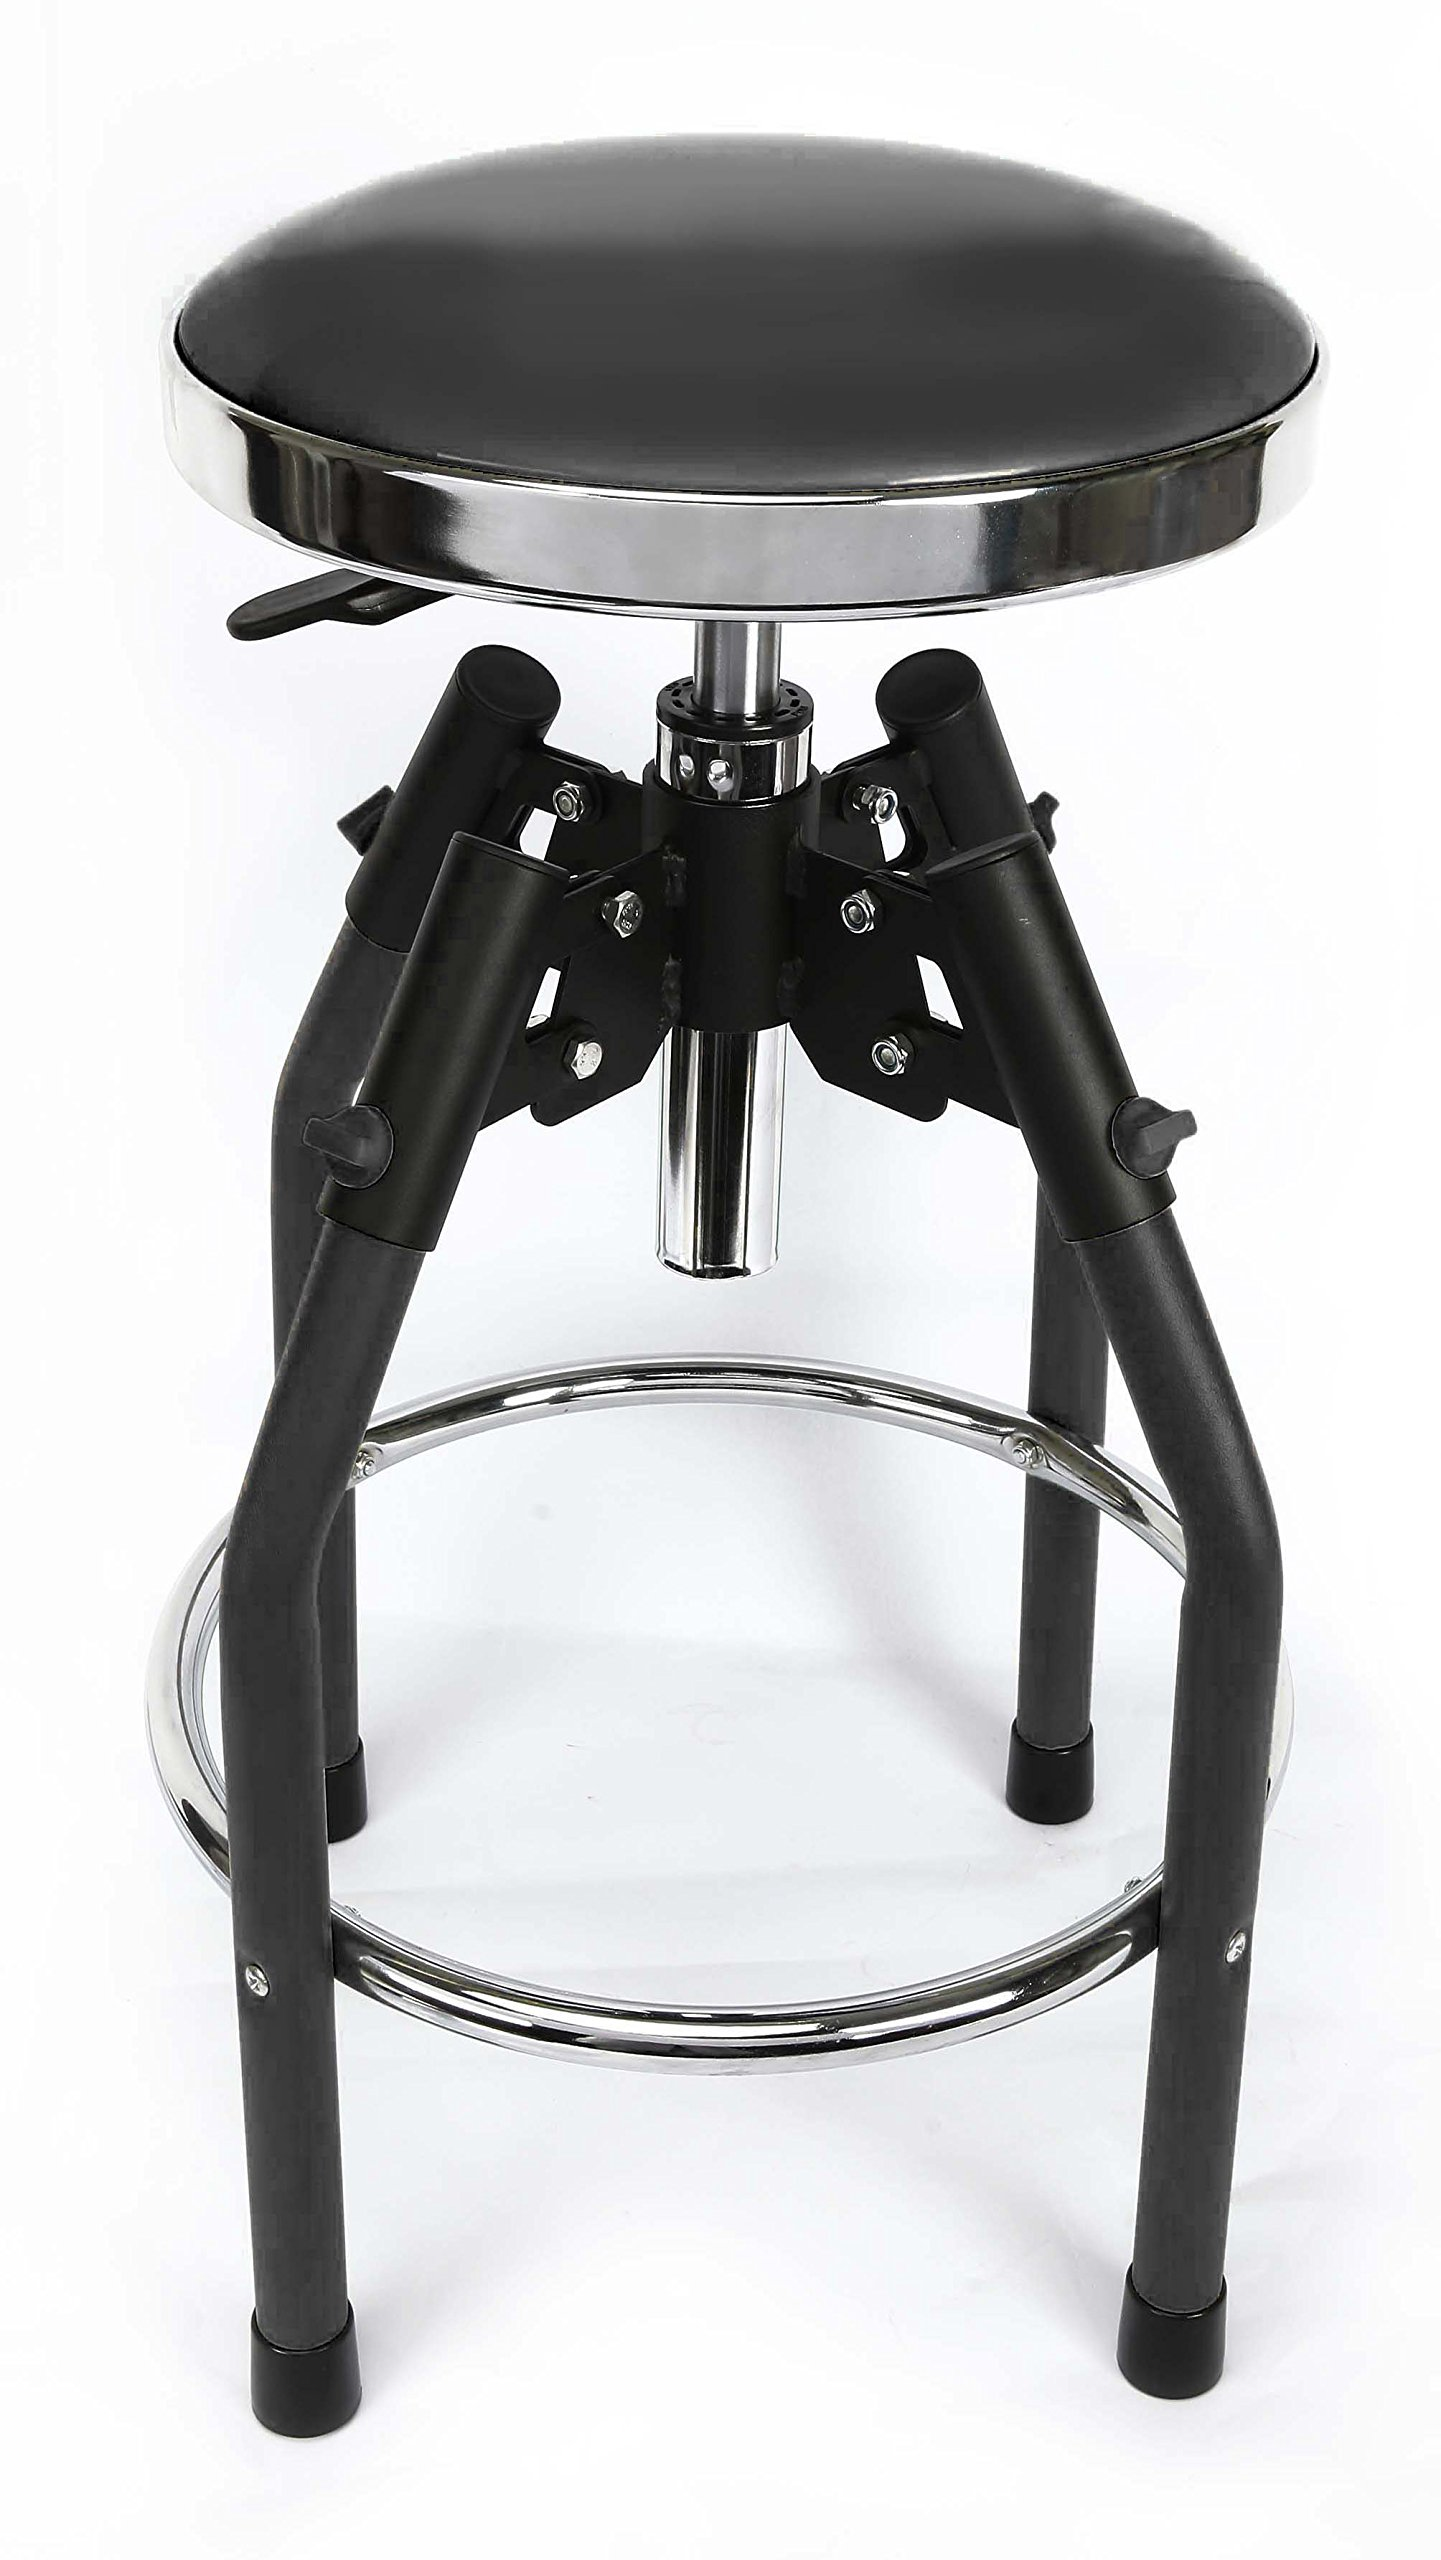 WORKPRO W112010A Heavy duty Adjustable Hydraulic Shop Stool, Black